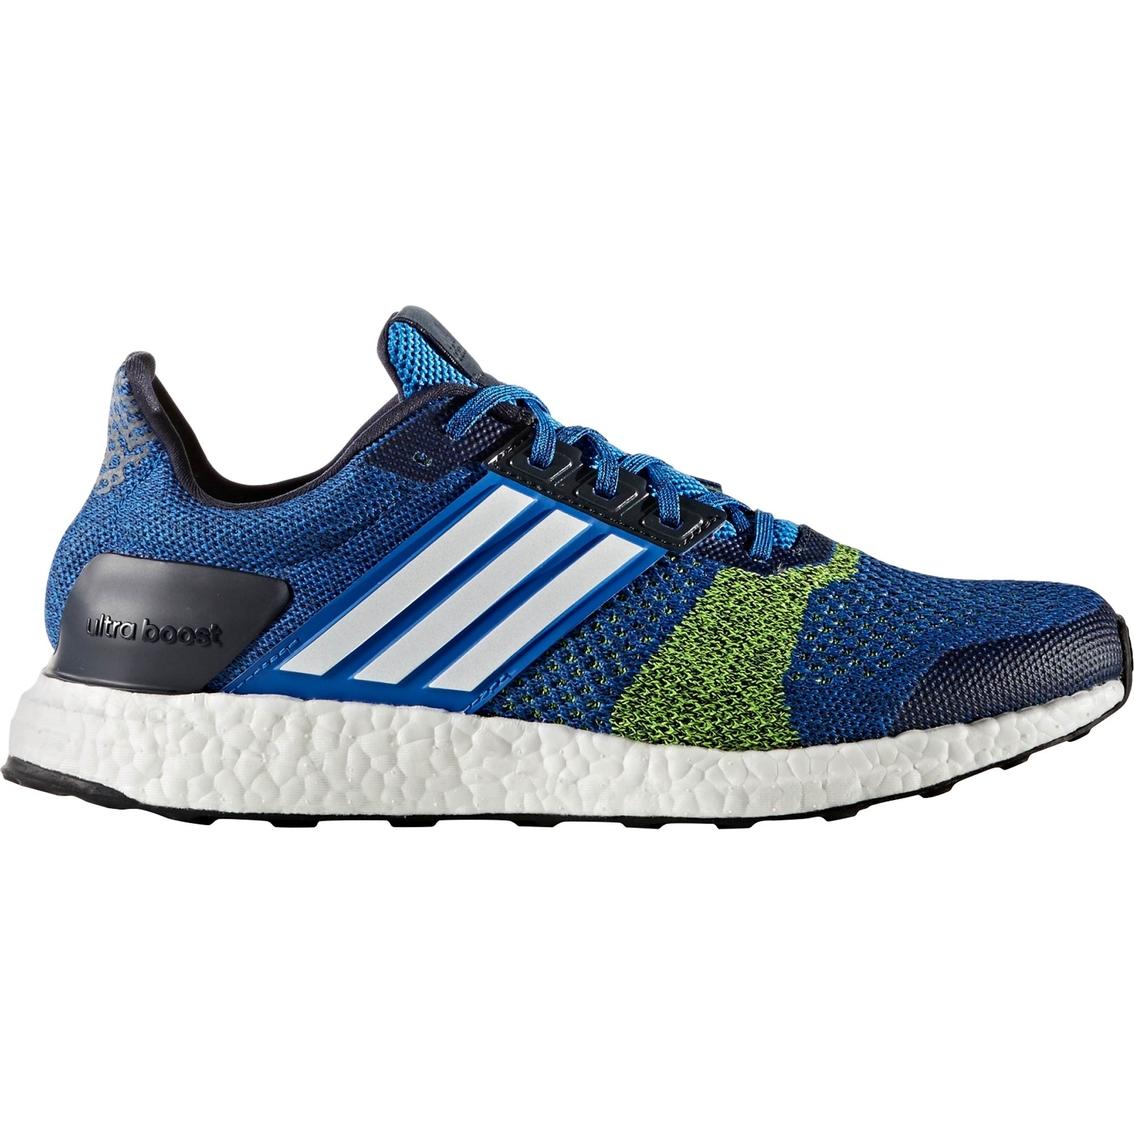 7e668adfa Adidas Men s Ultra Boost St Running Shoes